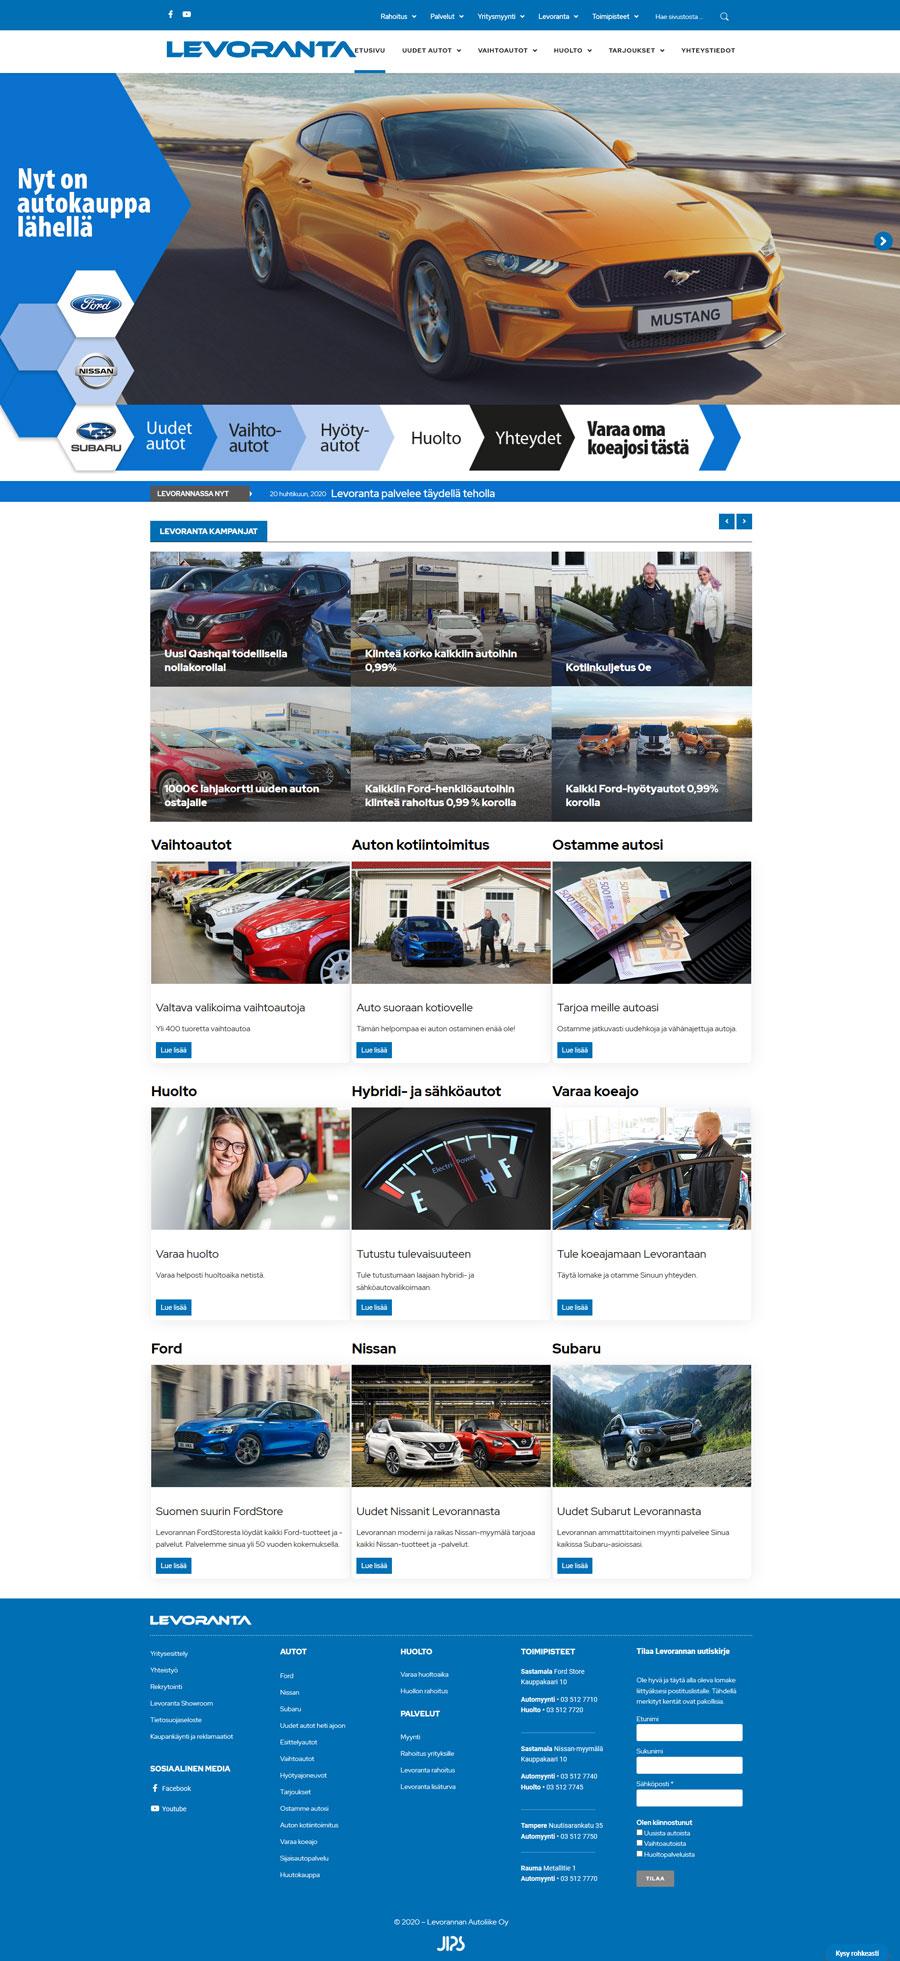 levoranta-levorannan-autoliike-web-sivut-sivuston-uusiminen-internet-sivut-kotisivut-jips-webtalo-5